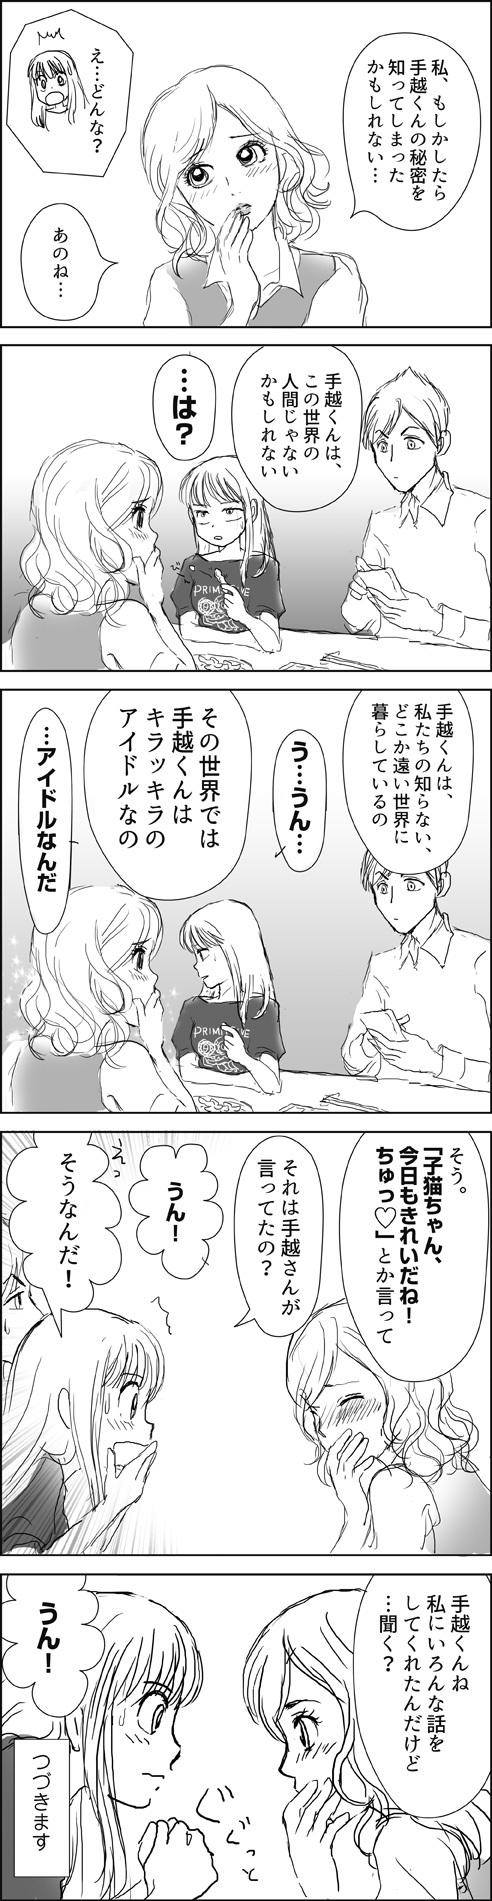 0504tadasuke_02kai.jpg